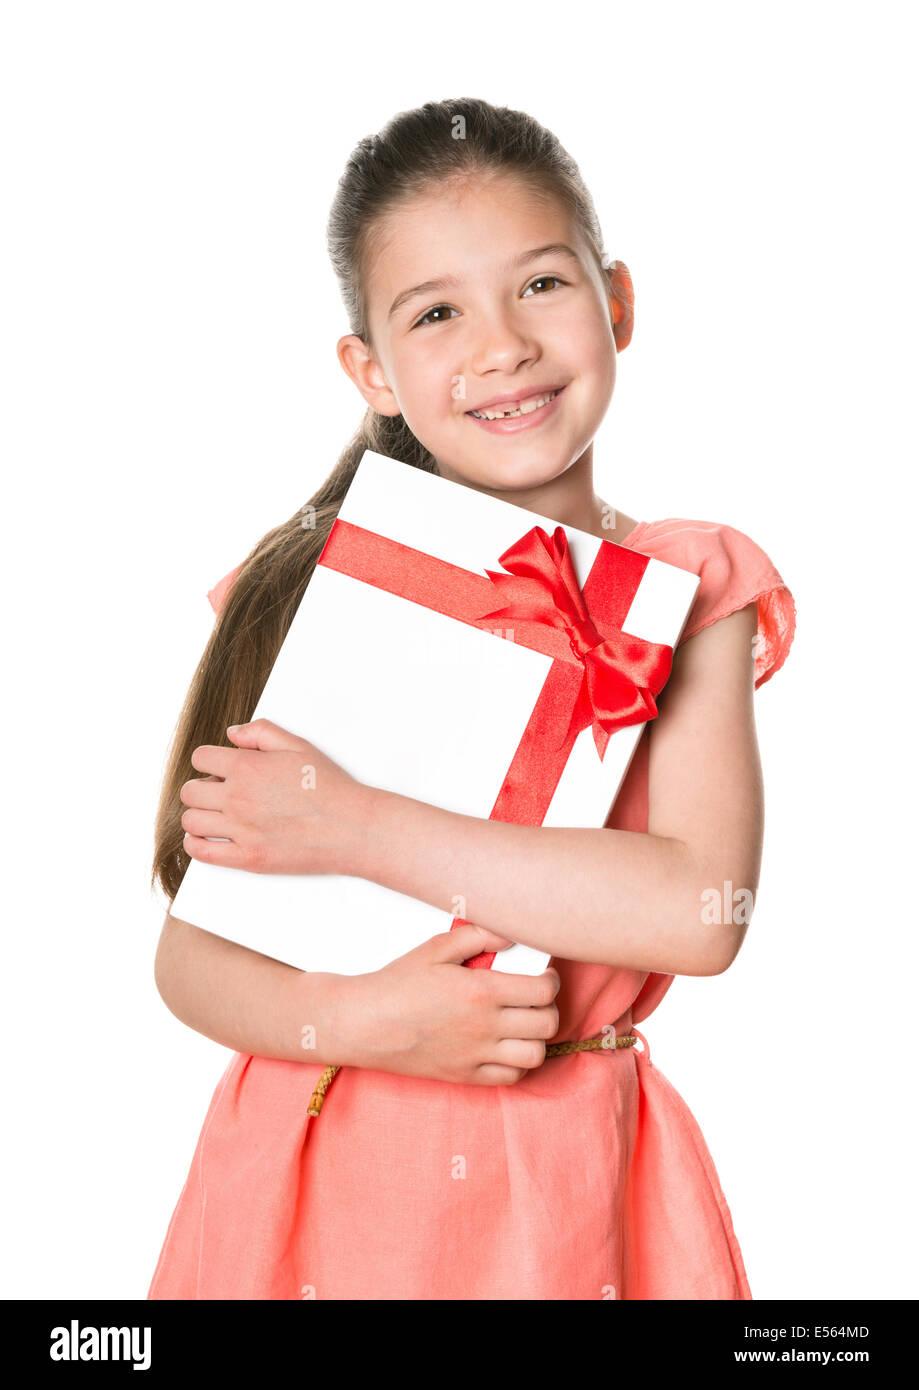 Sorridente ragazza carina 8-9 anni tenendo in mano compleanno presente nel pacchetto di festa. Isolato su uno sfondo Immagini Stock